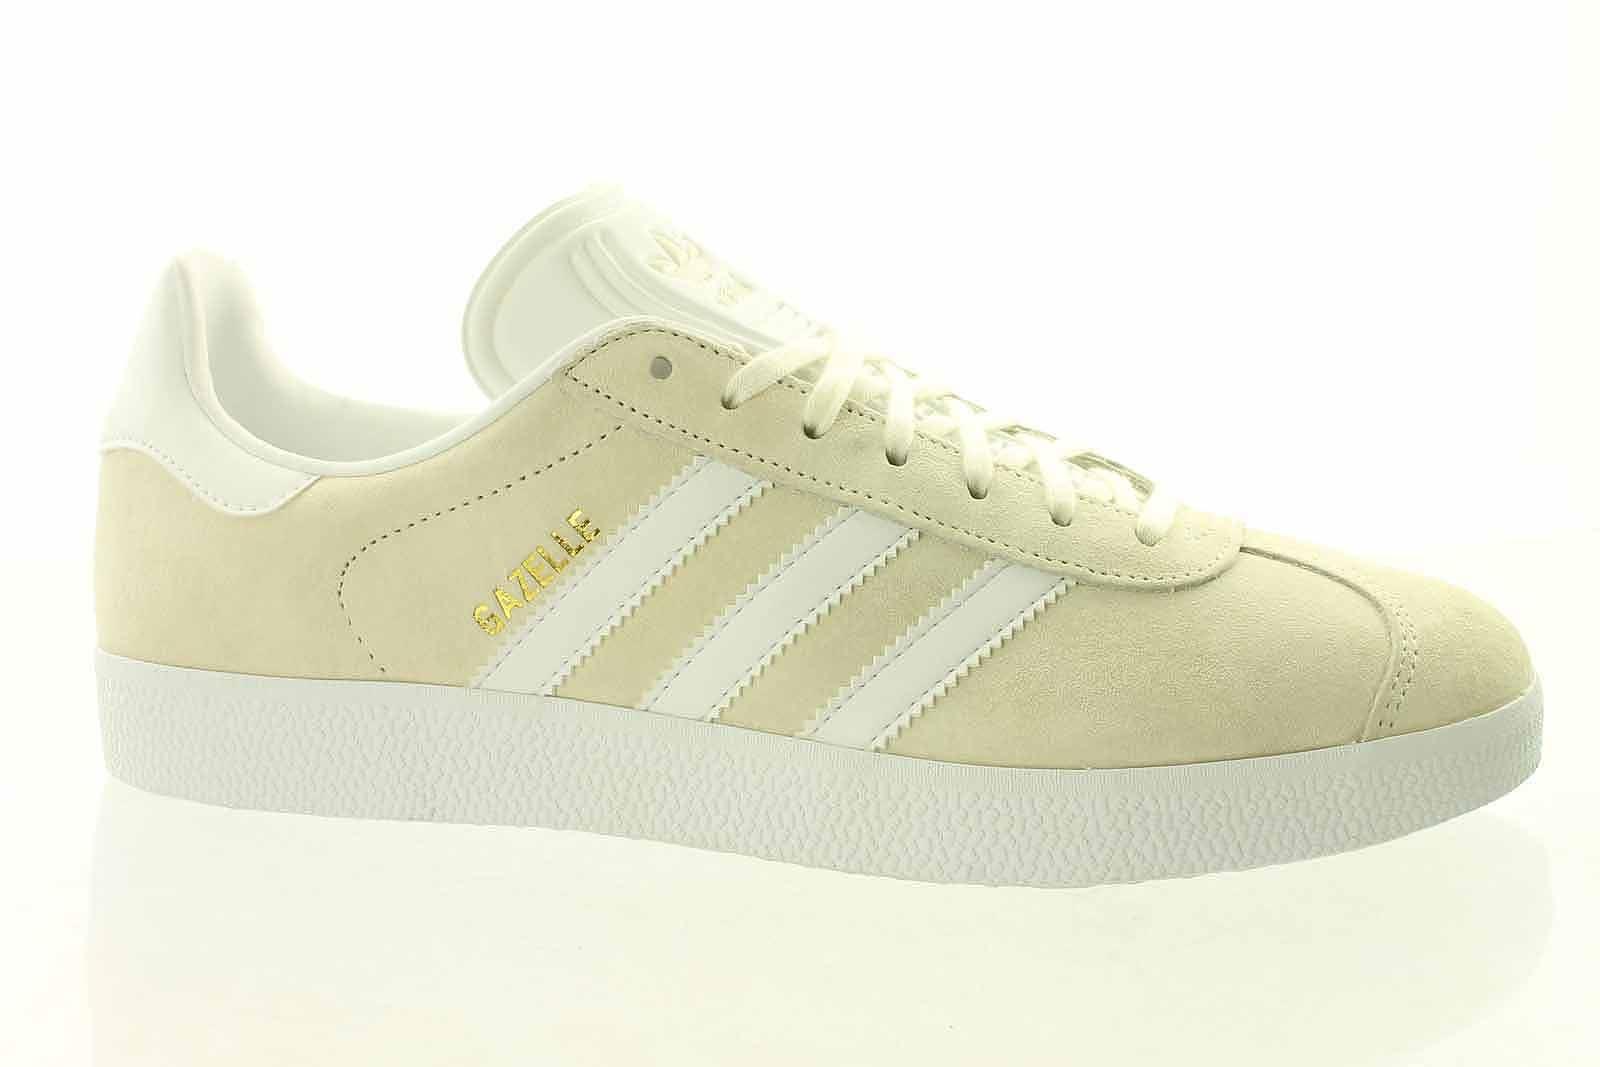 adidas gazelle uk 3